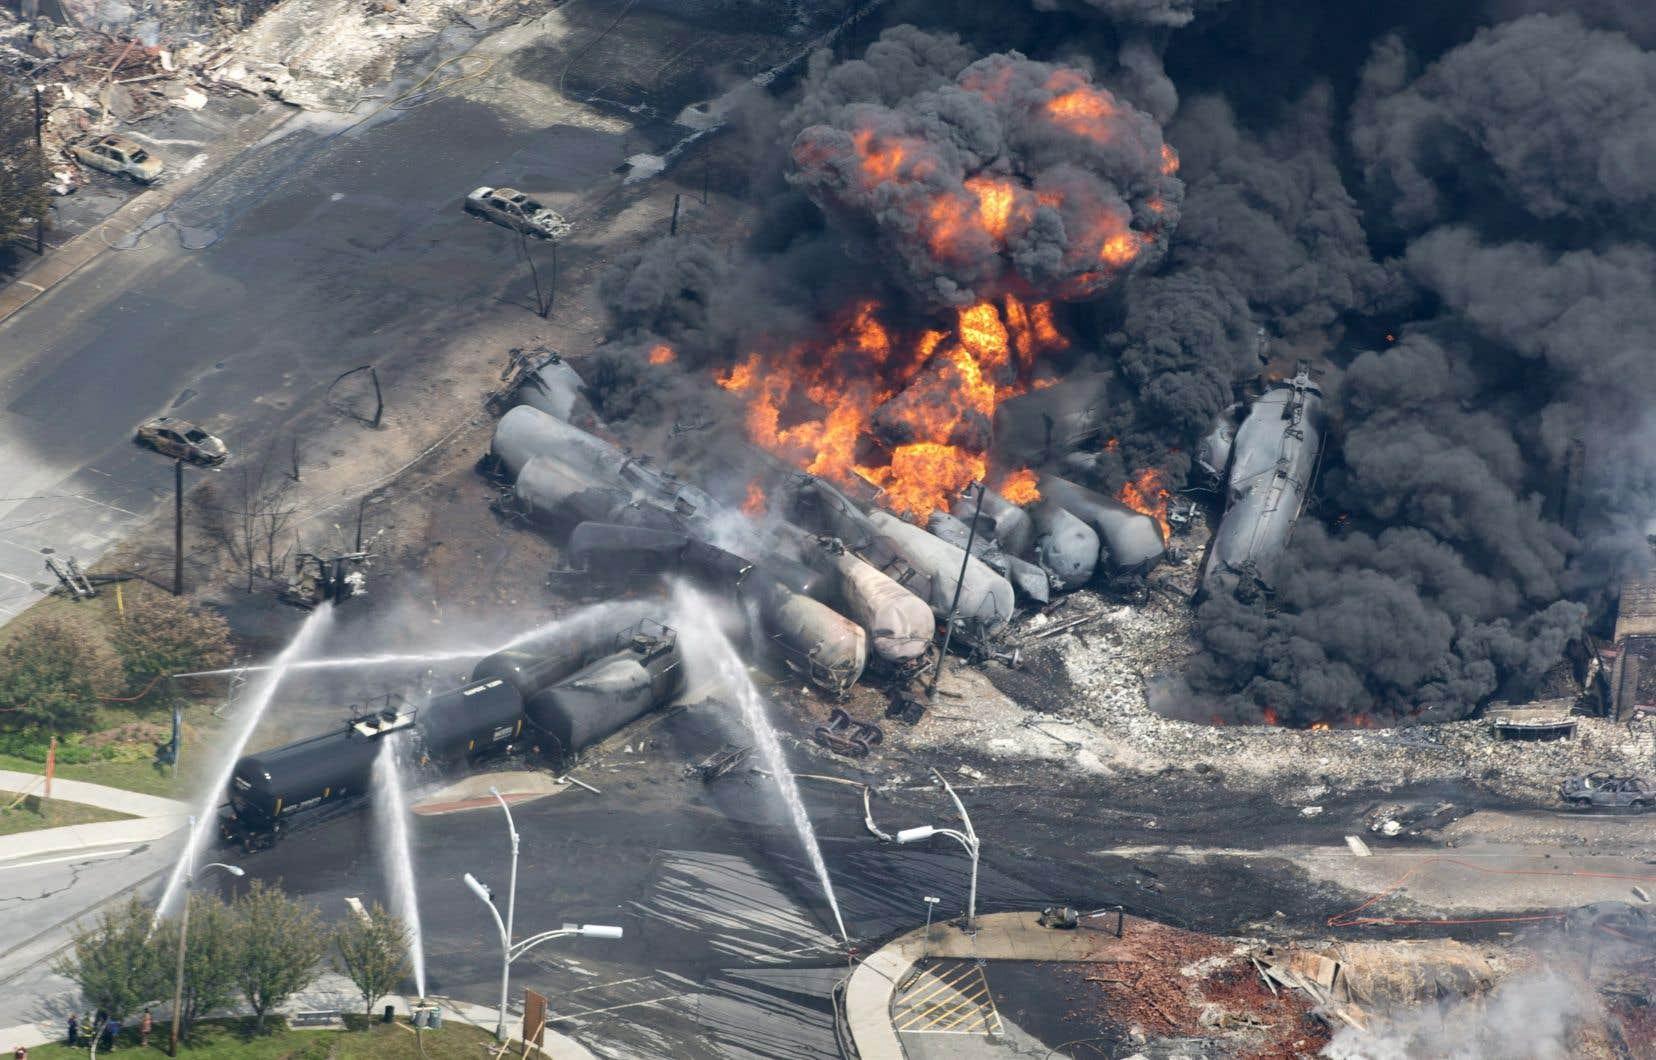 La tragédie ferroviaire de Lac-Mégantic avant fait 47 victimes.